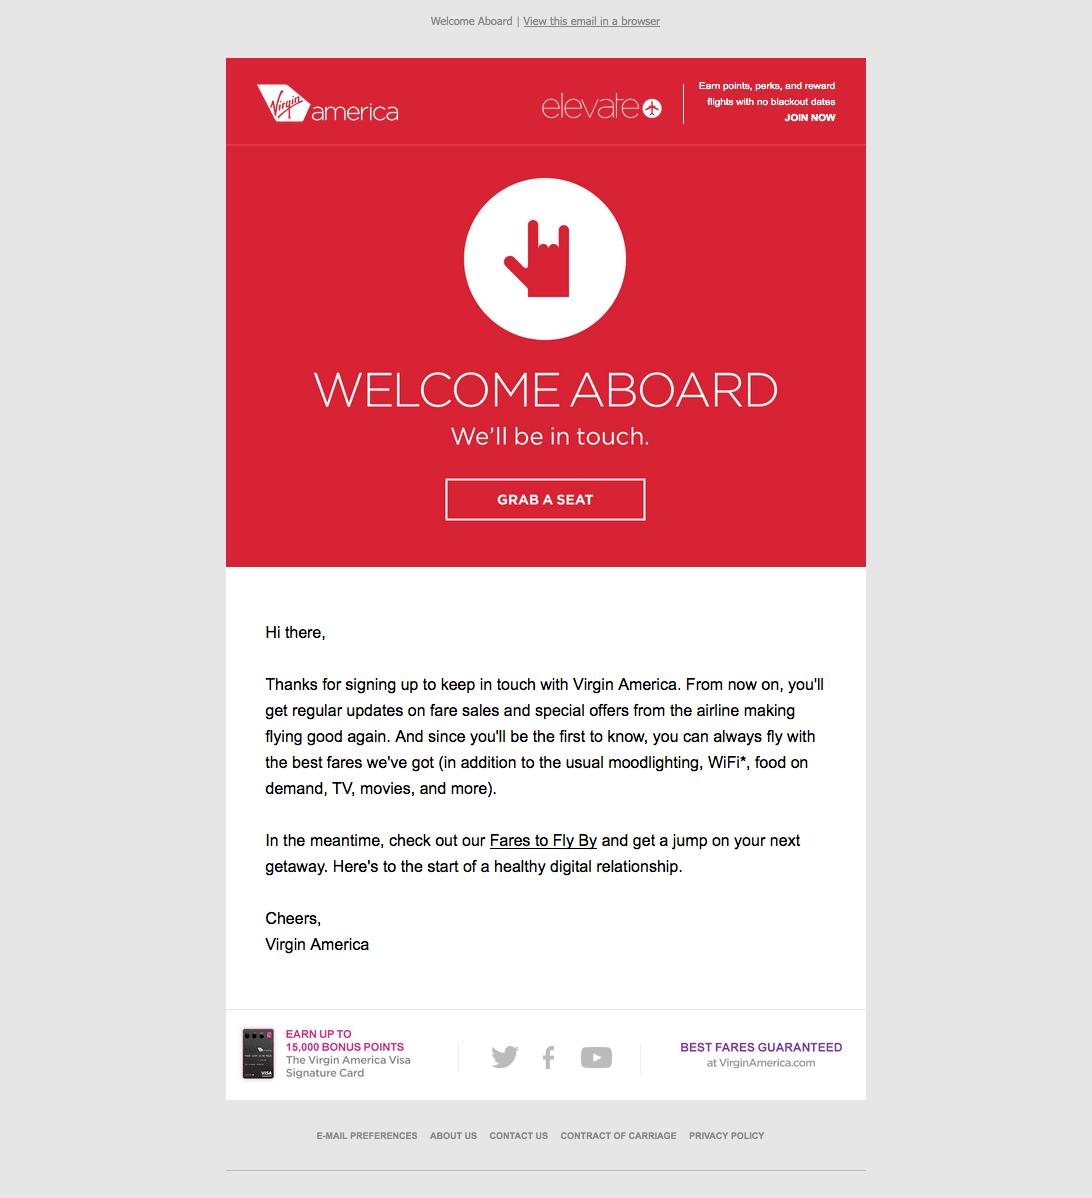 Ejemplo de mensaje de bienvenida de Virgin America